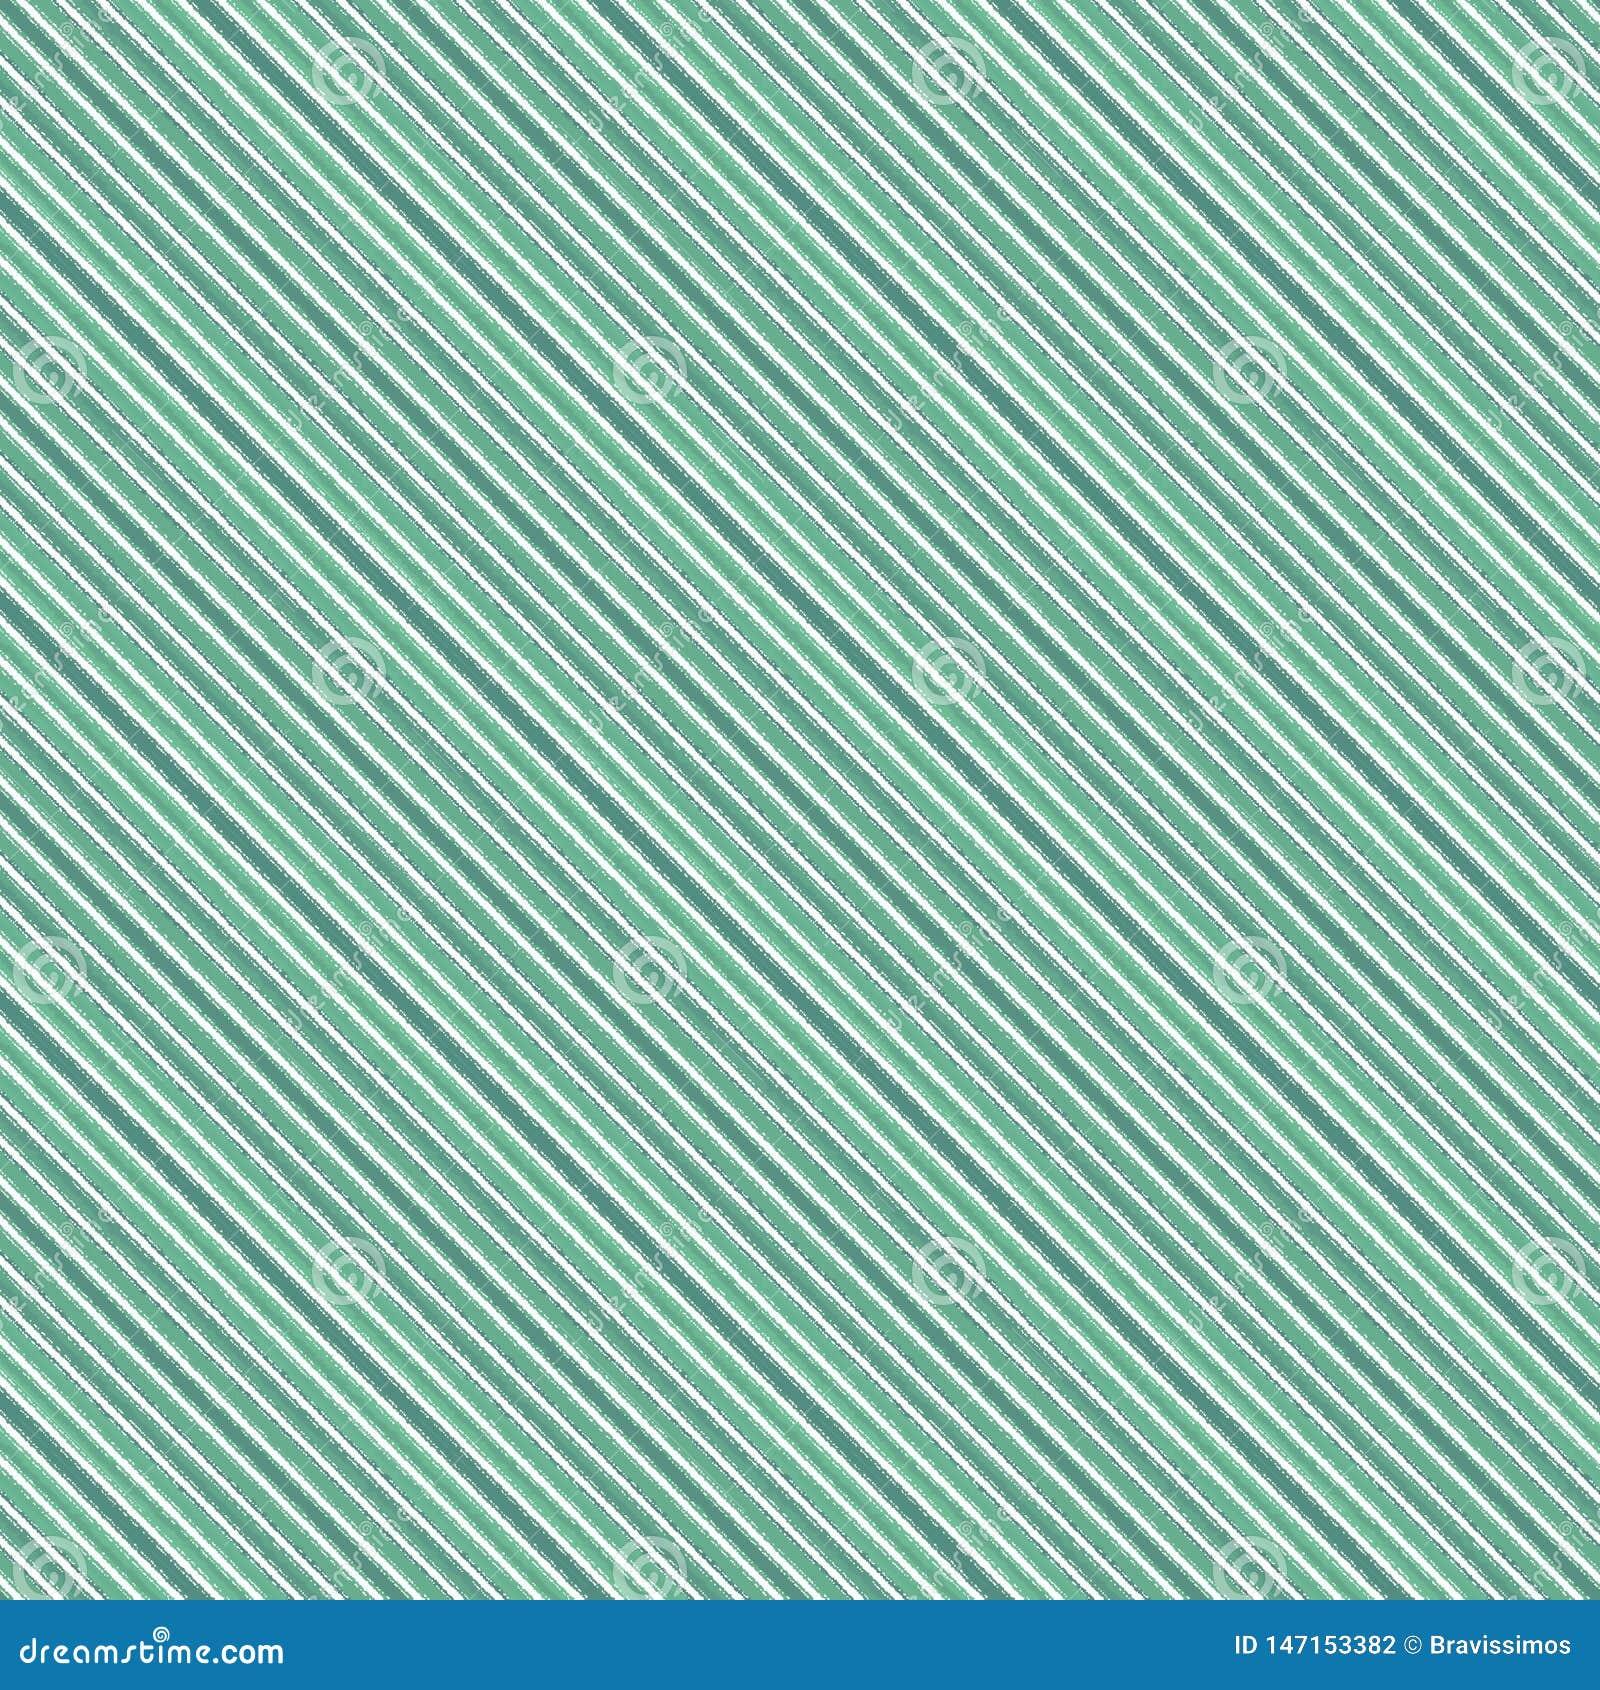 Раскосная линия картина безшовная, график нашивки фона